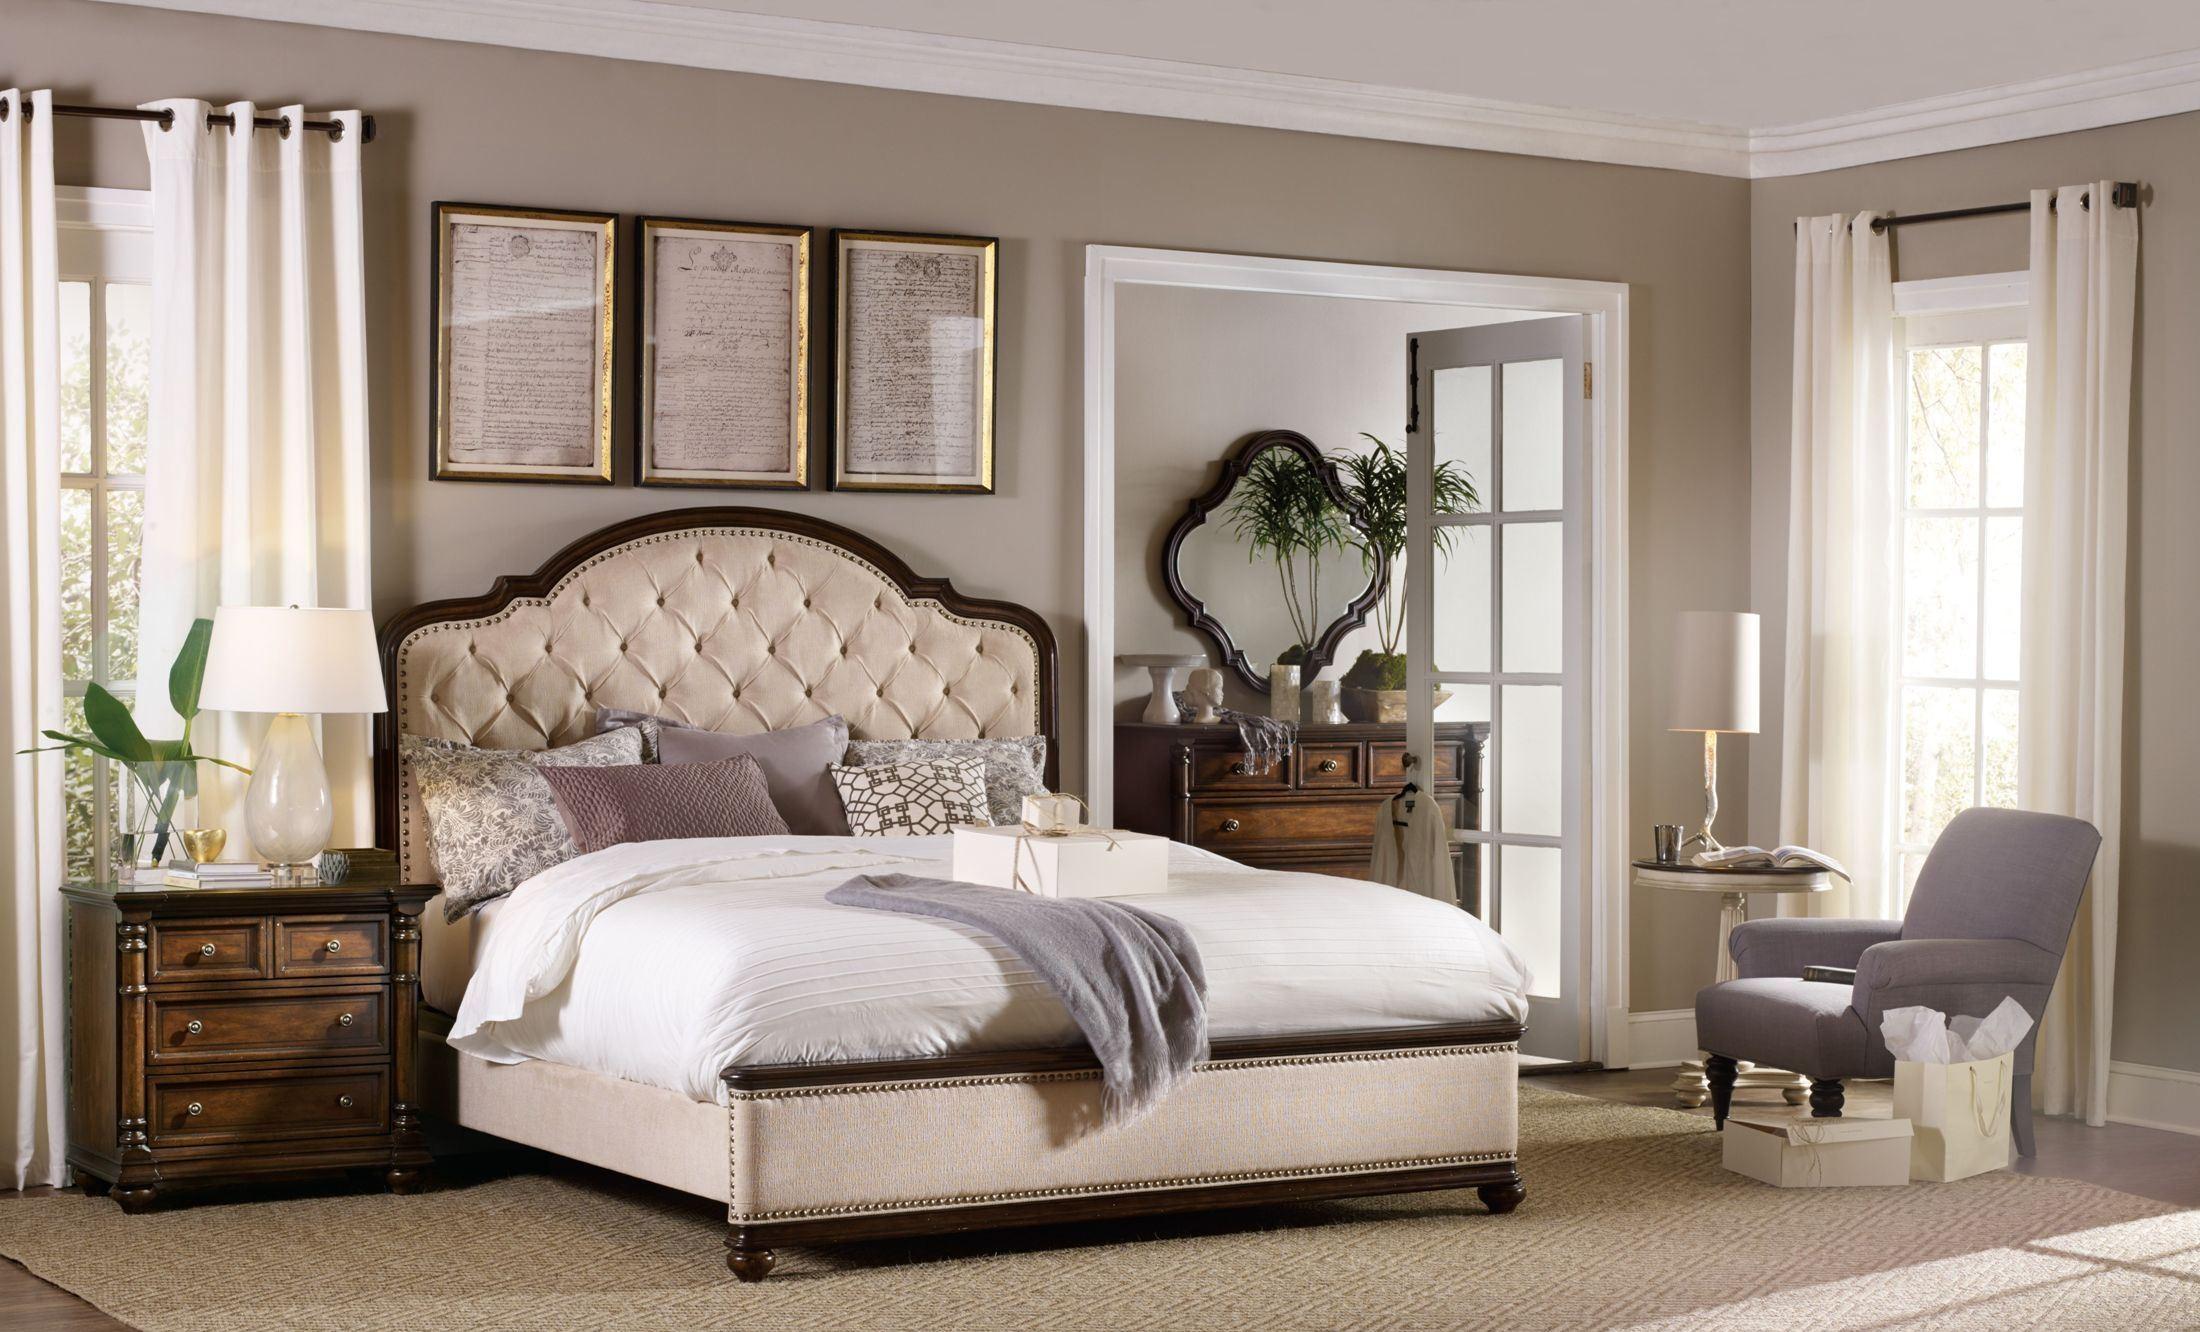 leesburg beige upholstered bedroom set from hooker coleman furniture. Black Bedroom Furniture Sets. Home Design Ideas